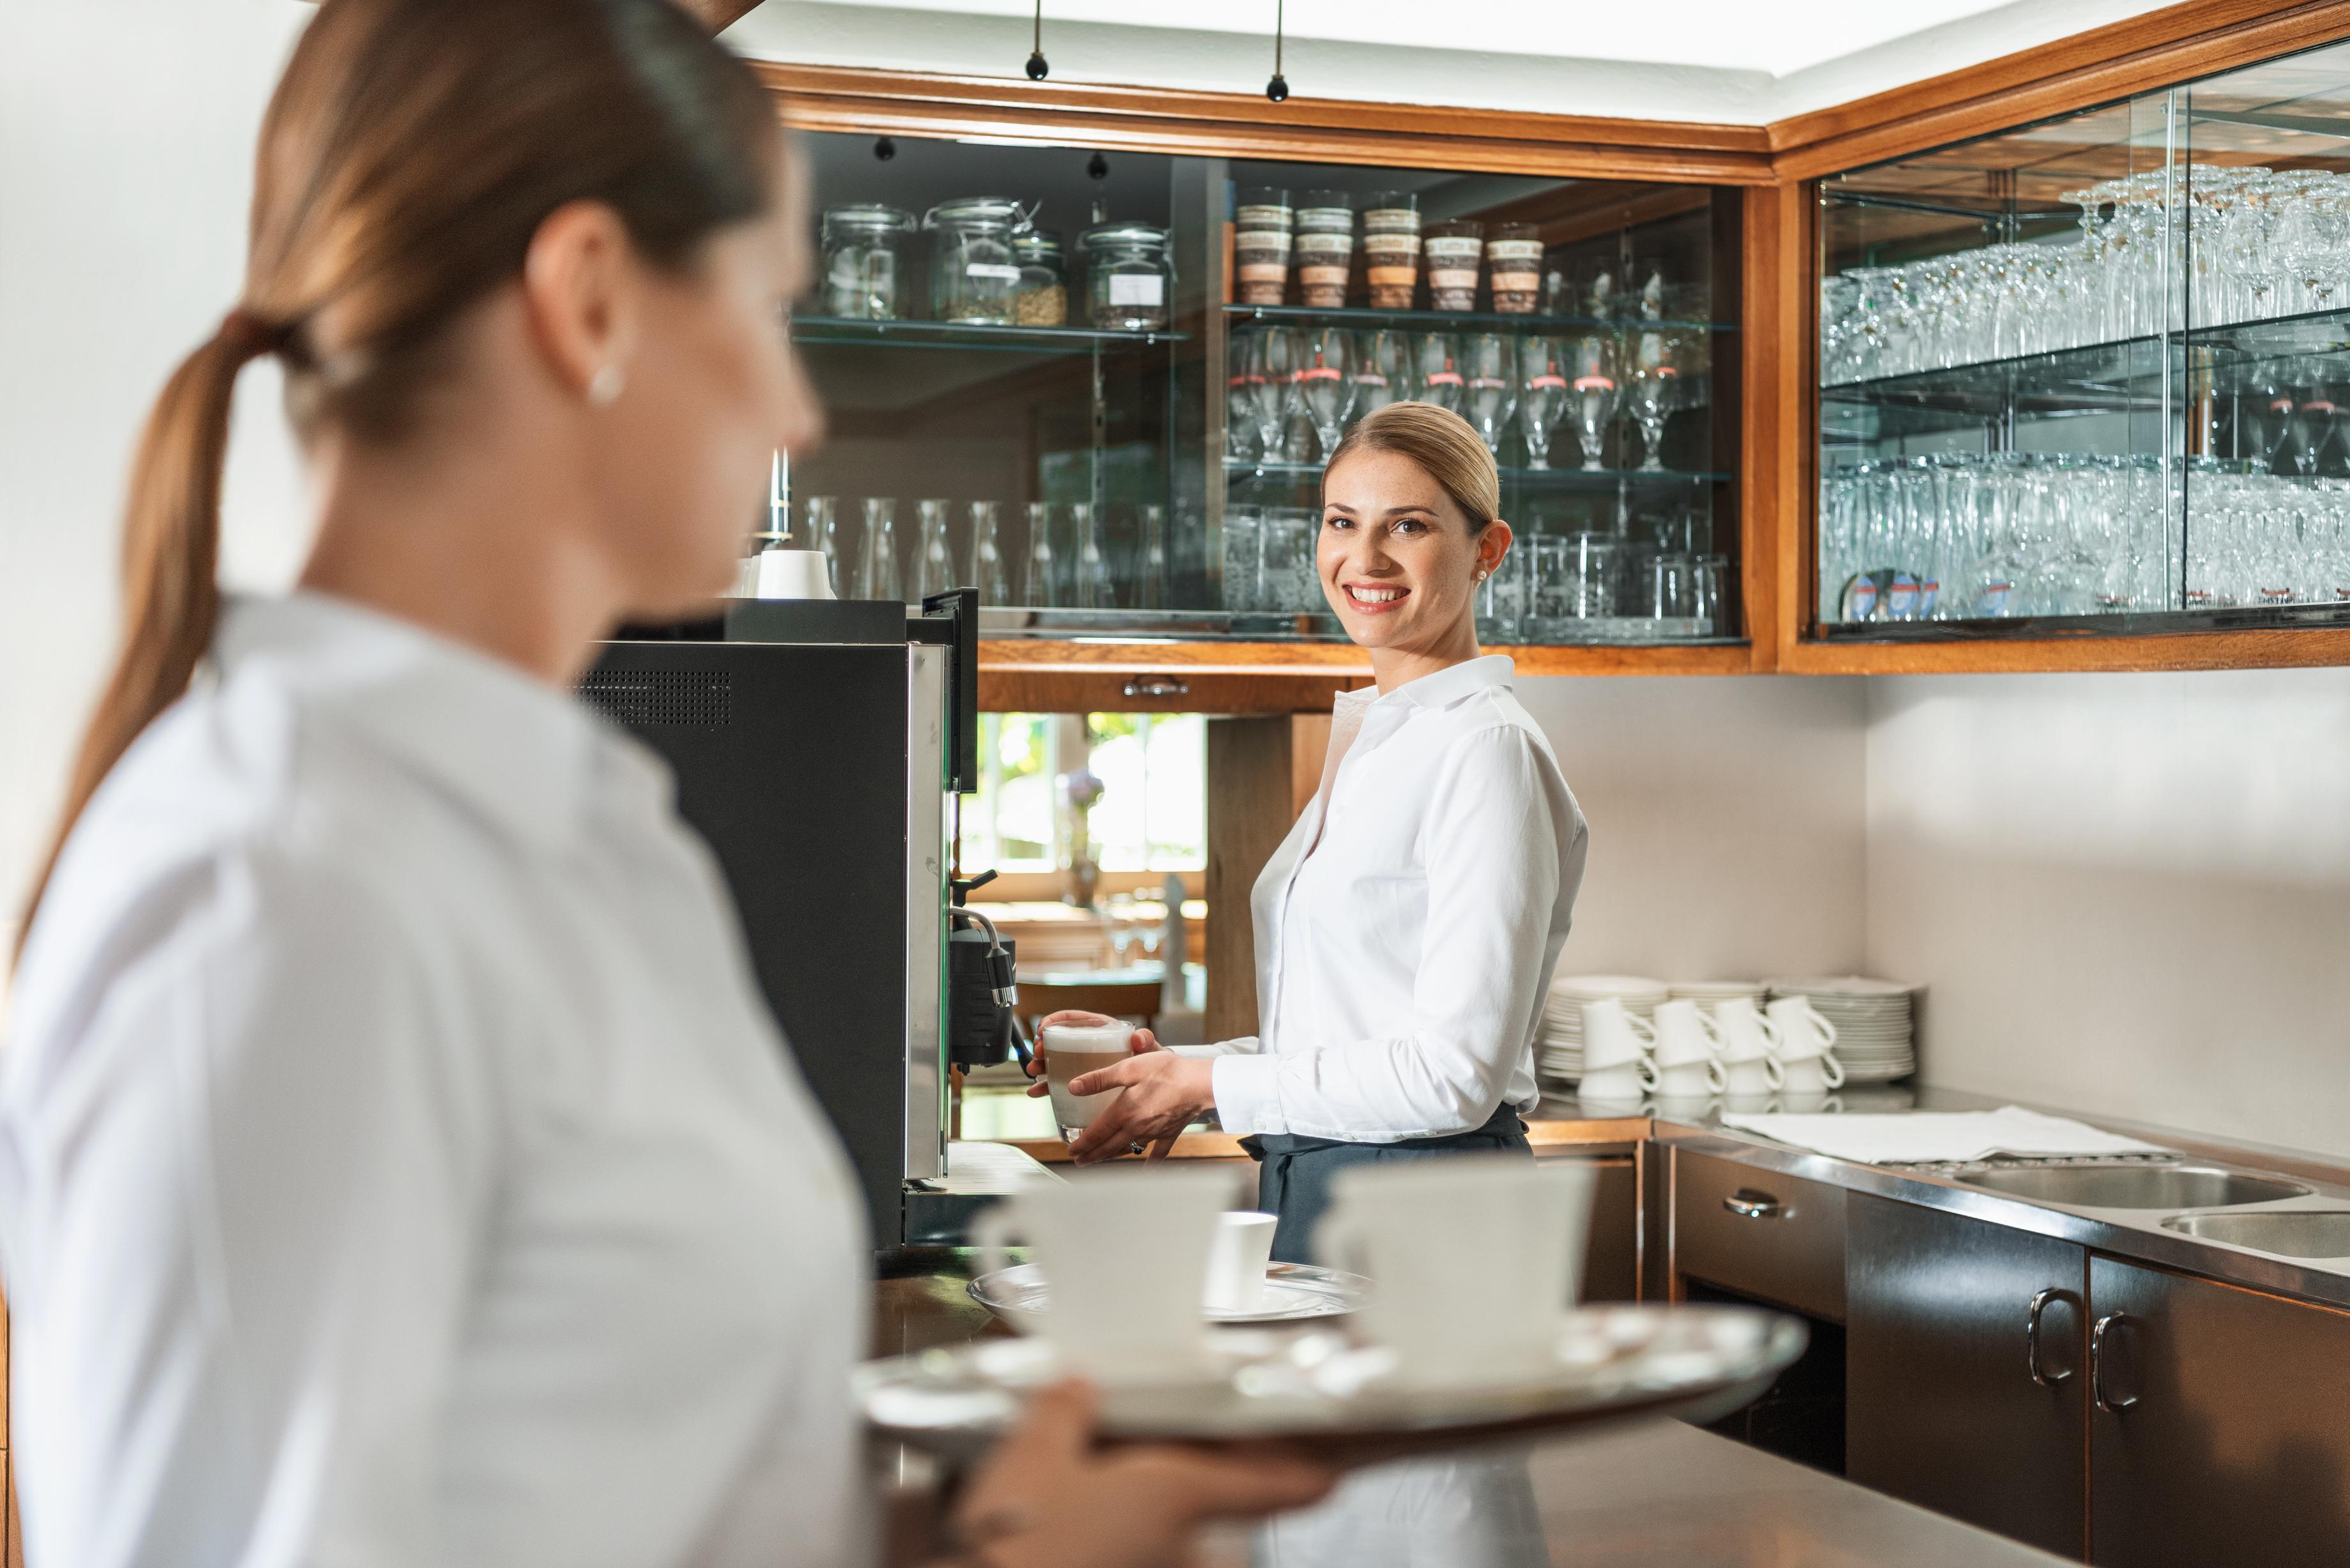 Sind Sie eine/ein fachkompetente-/r Gastgeberin/Gastgeber?